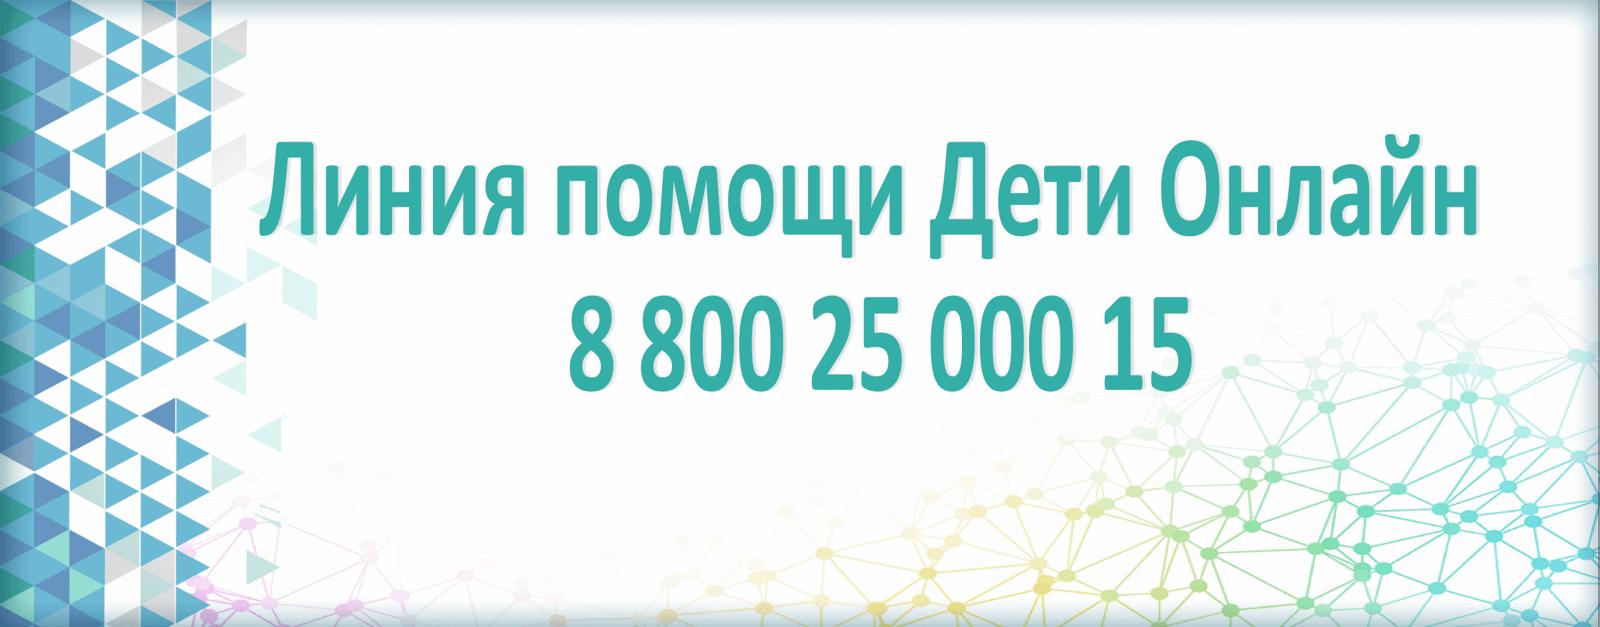 Линия помощи Дети Онлайн 8 800 25 000 15